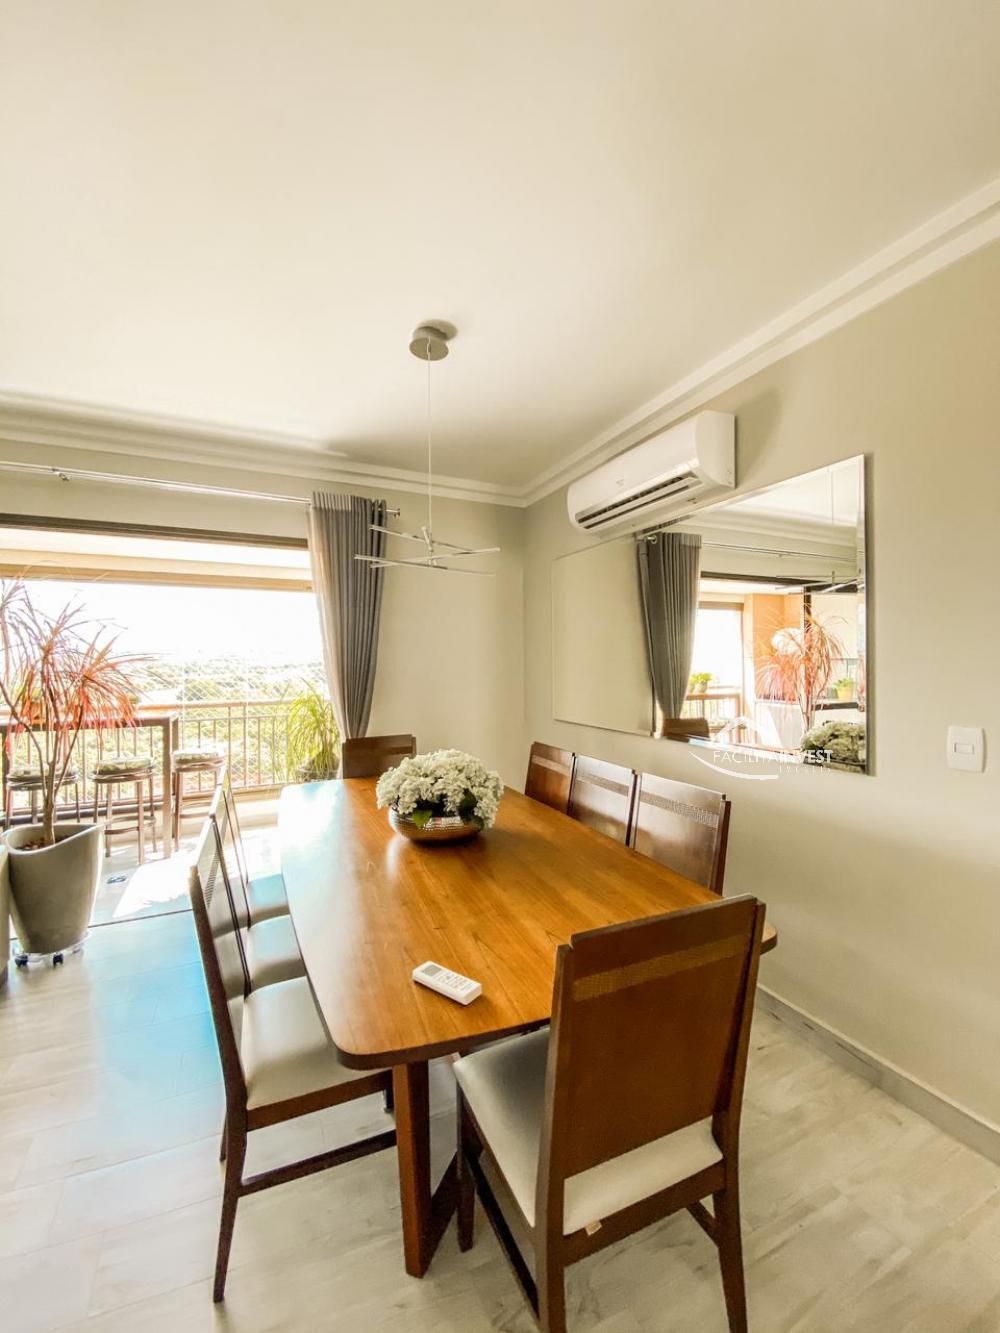 Comprar Apartamentos / Apart. Padrão em Ribeirão Preto apenas R$ 565.000,00 - Foto 9